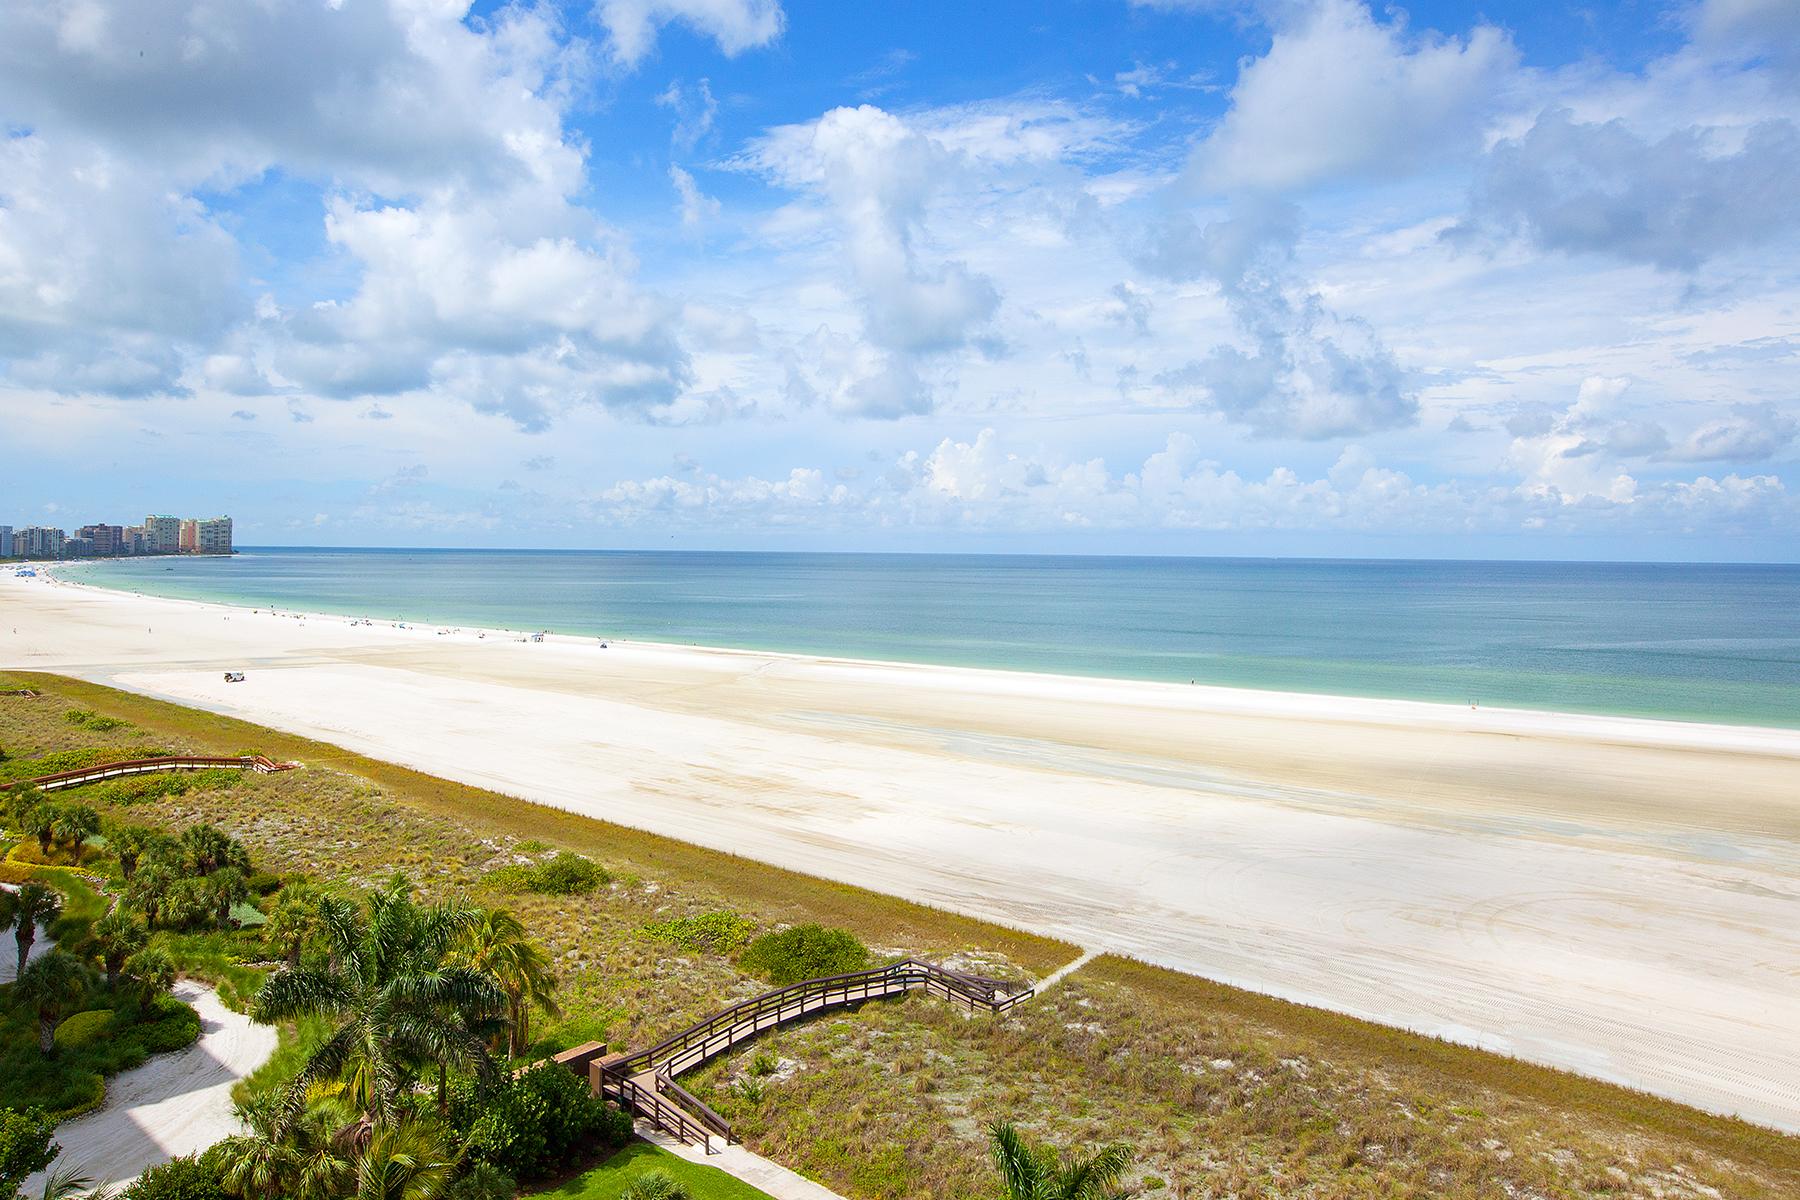 Condomínio para Venda às MARCO ISLAND - ADMIRALTY HOUSE 140 Seaview Ct 1101 S Marco Island, Florida, 34145 Estados Unidos